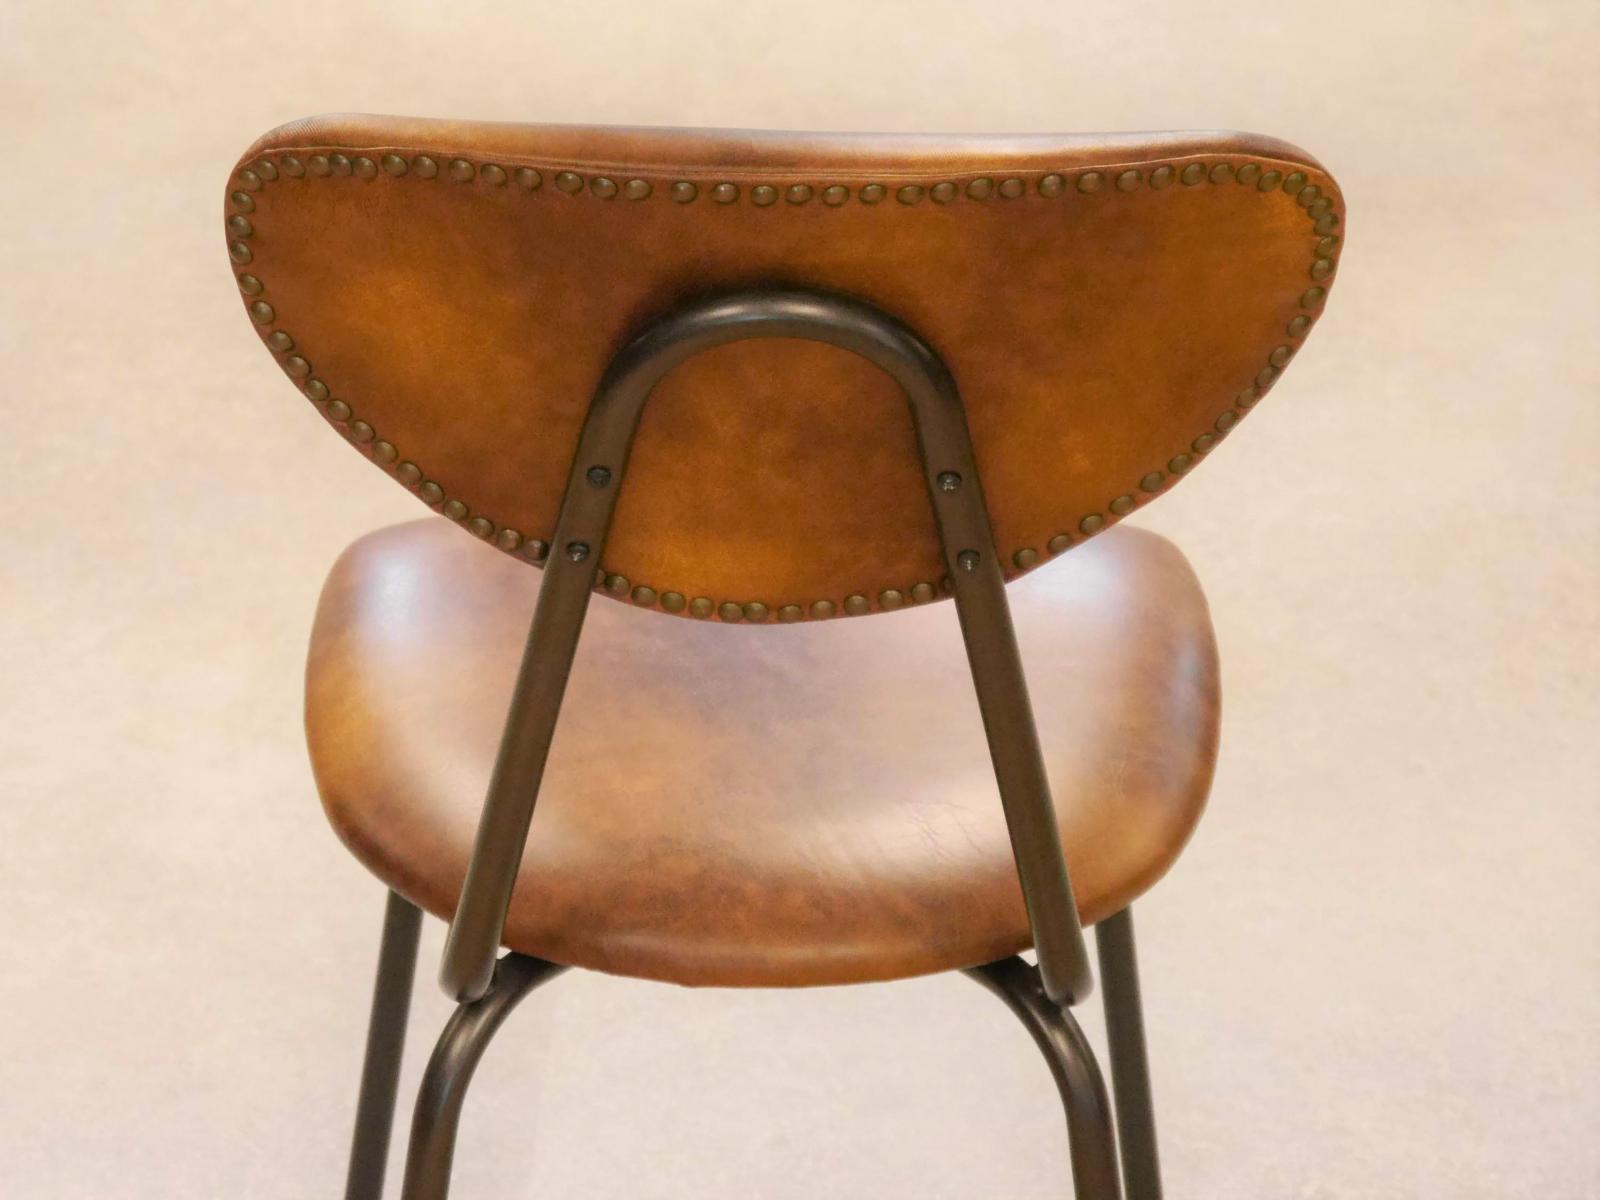 Respaldo silla colegio tapizada con tachuelas en la parte trasera del respaldo